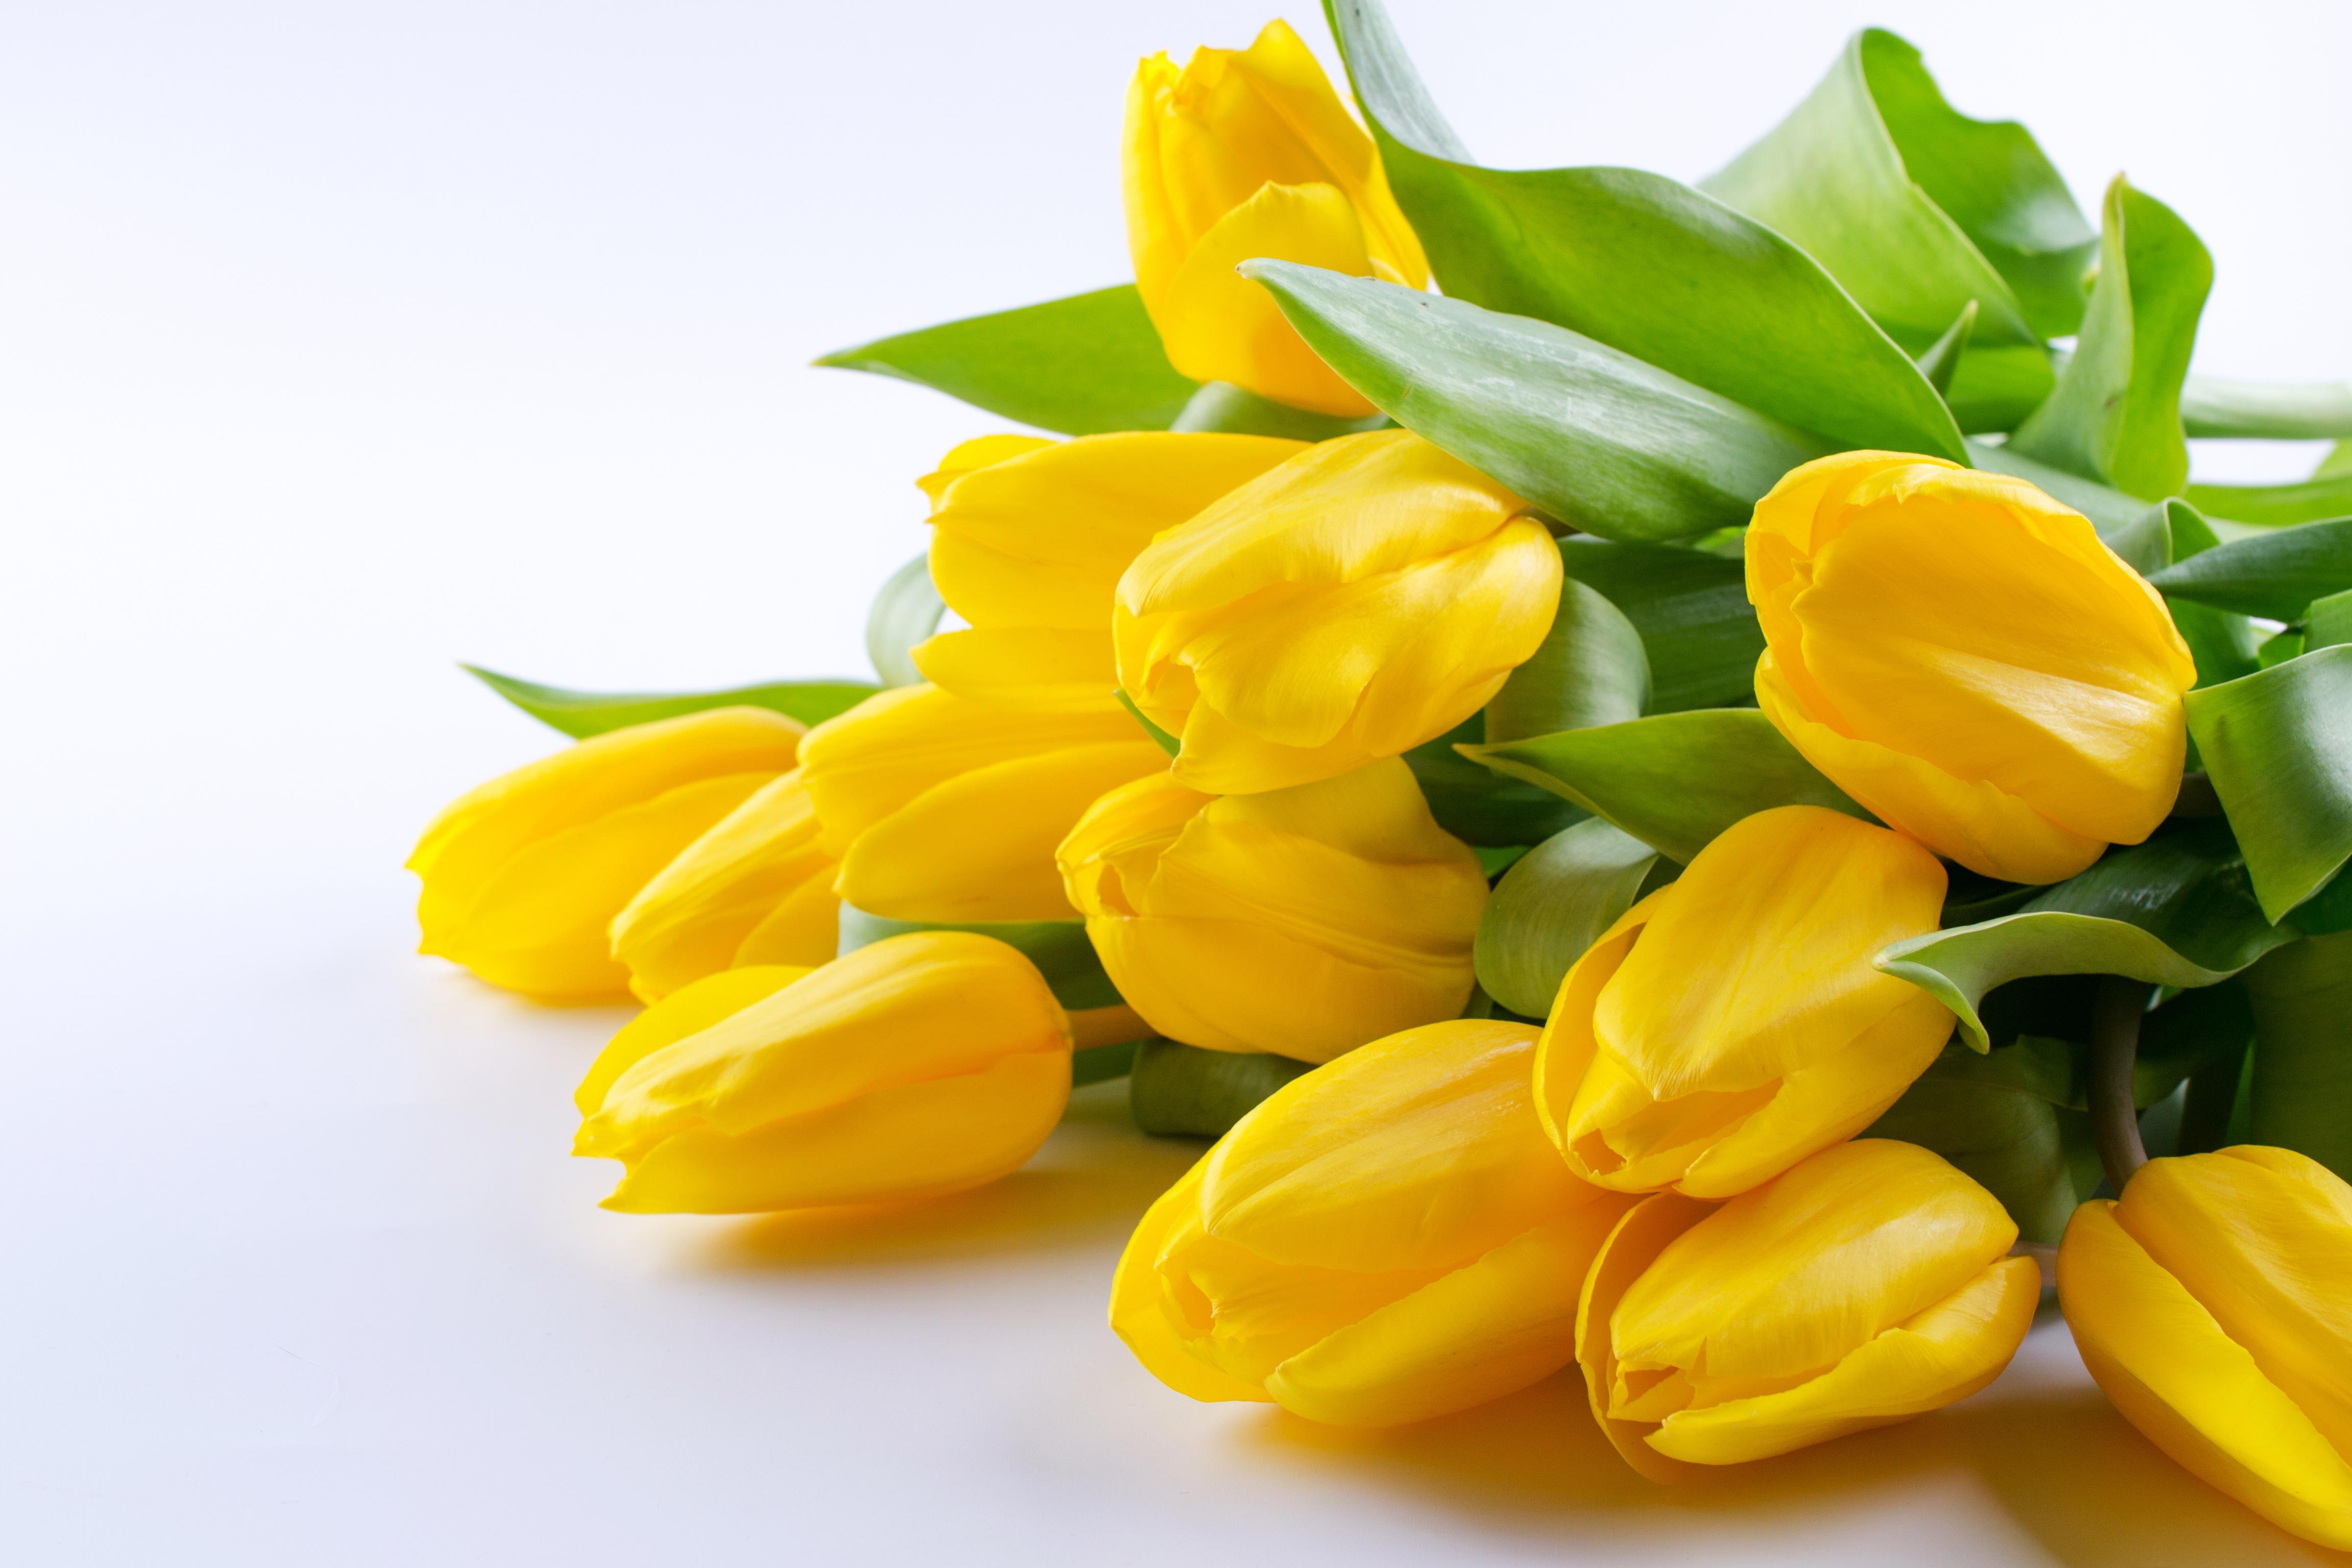 Картинка желтая Тюльпаны цветок 4608x3072 желтые Желтый желтых тюльпан Цветы